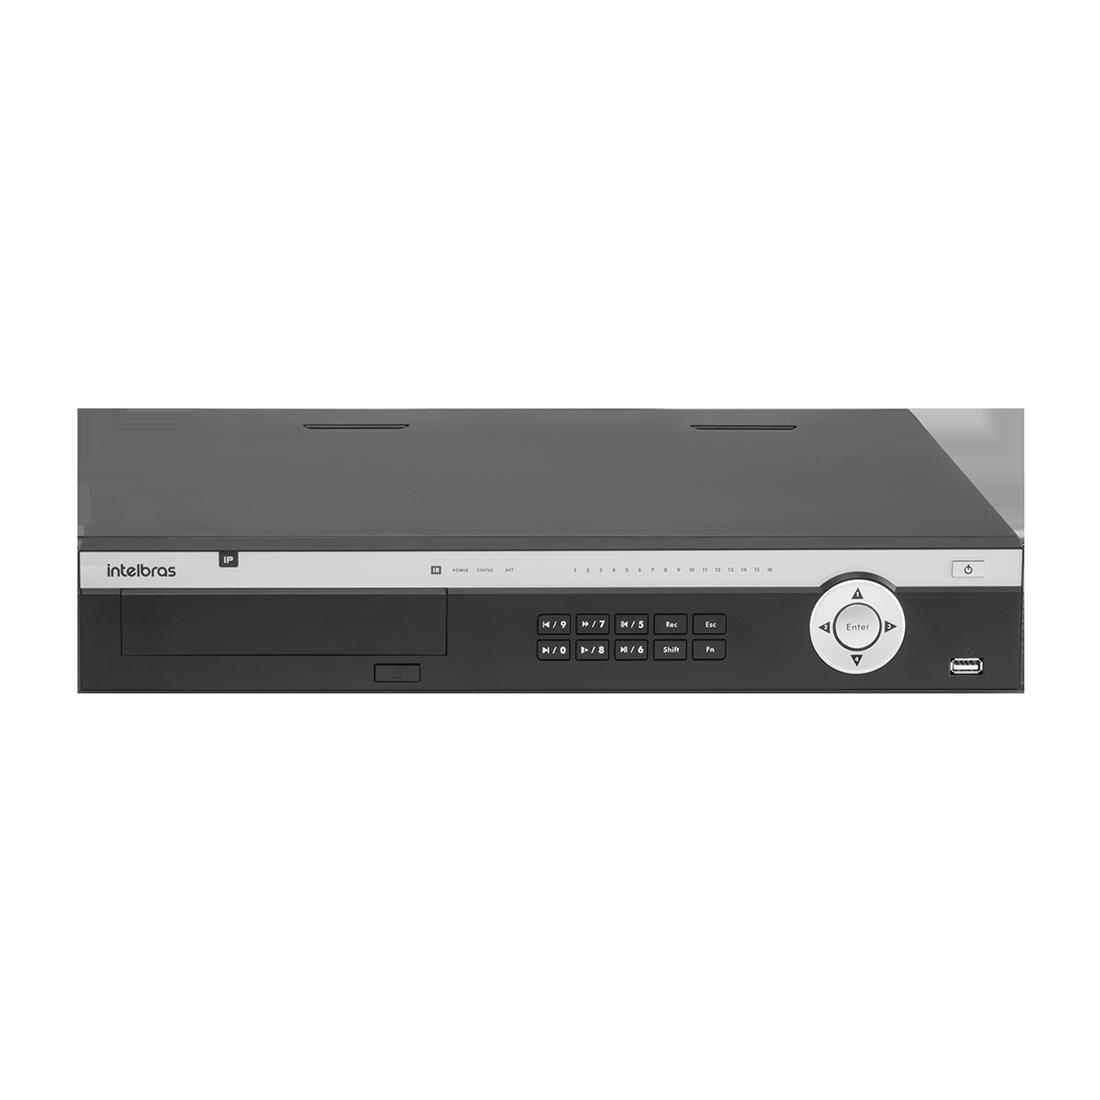 NVD 5124 C/ HD 3TB - GRAV. DIG. DE VÍDEO EM REDE PARA ATÉ 24 CANAIS IP EM FULL HD @ 30 FPS, SUPORTA CÂMERA FISHEYE, INTELIGÊNCIA DE VÍDEO EM TODOS OS CANAIS, H.265, SUPORTE PARA 4HDS E SUPORTA CÂMERAS  - Sandercomp Virtual